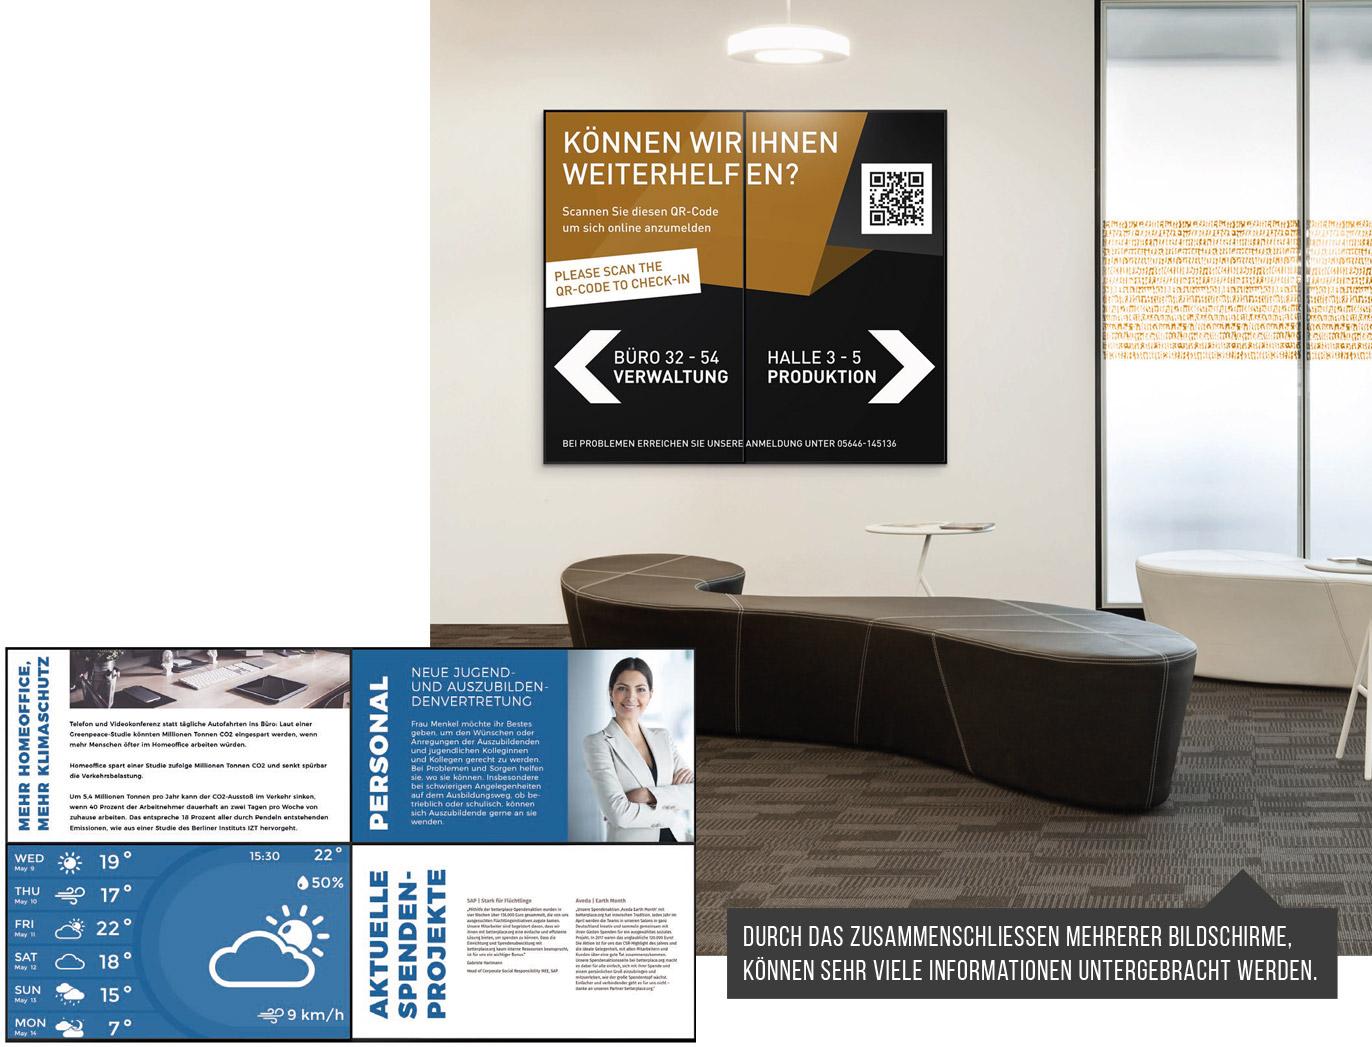 Digital Signage in einem Unternehmen